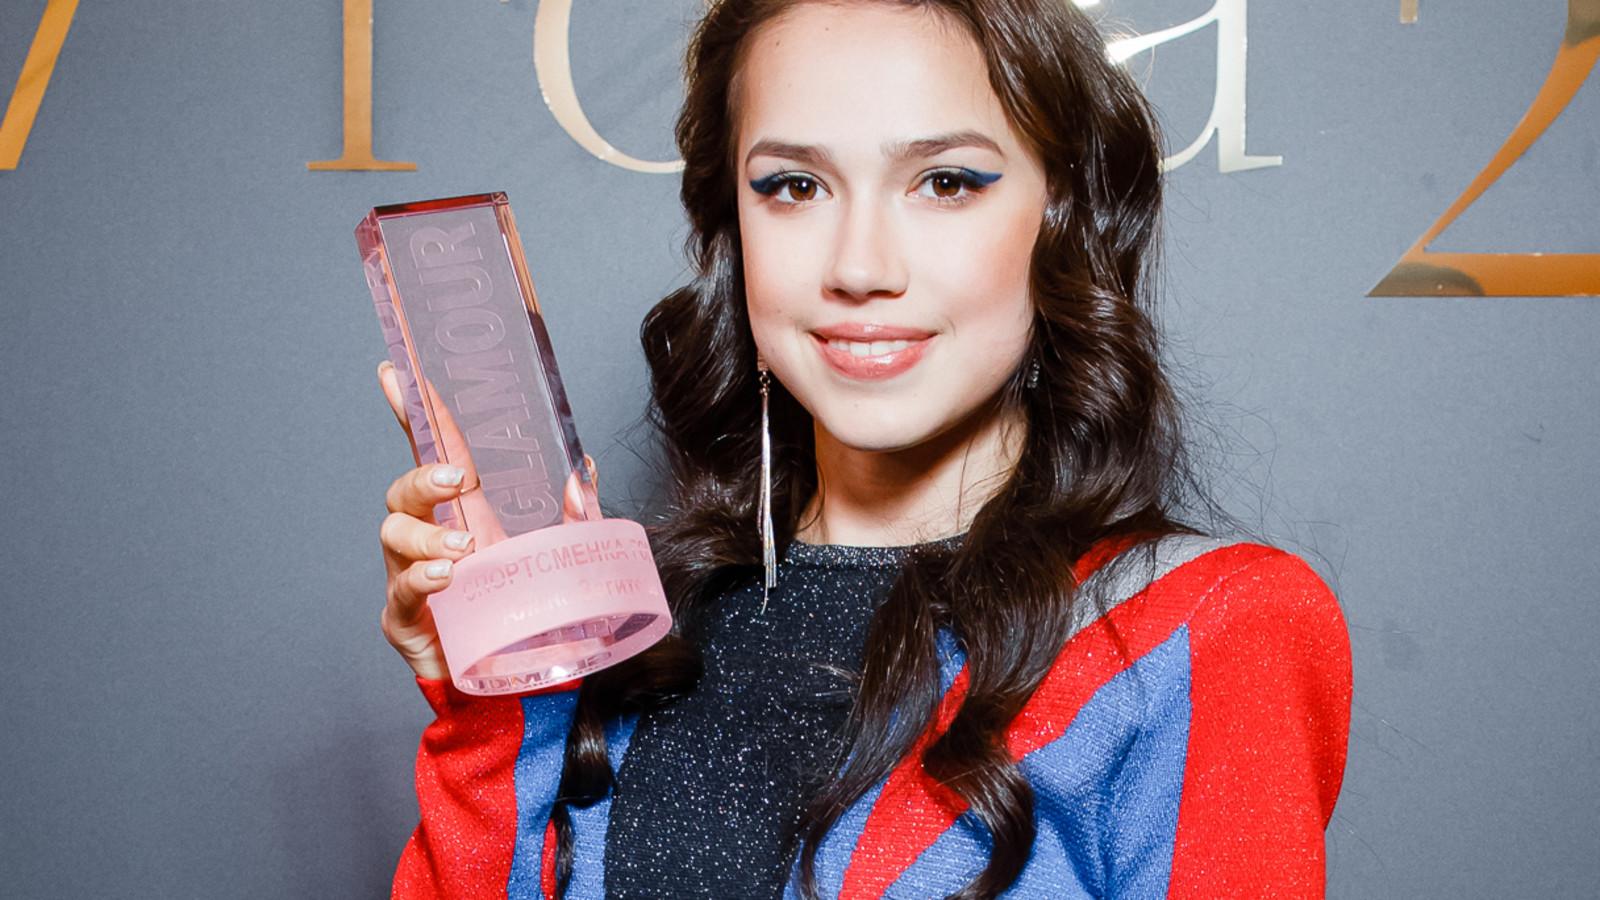 Alina Zagitova - Maria Pertseva-Khvaley - Russia - Glamour WOTY - square